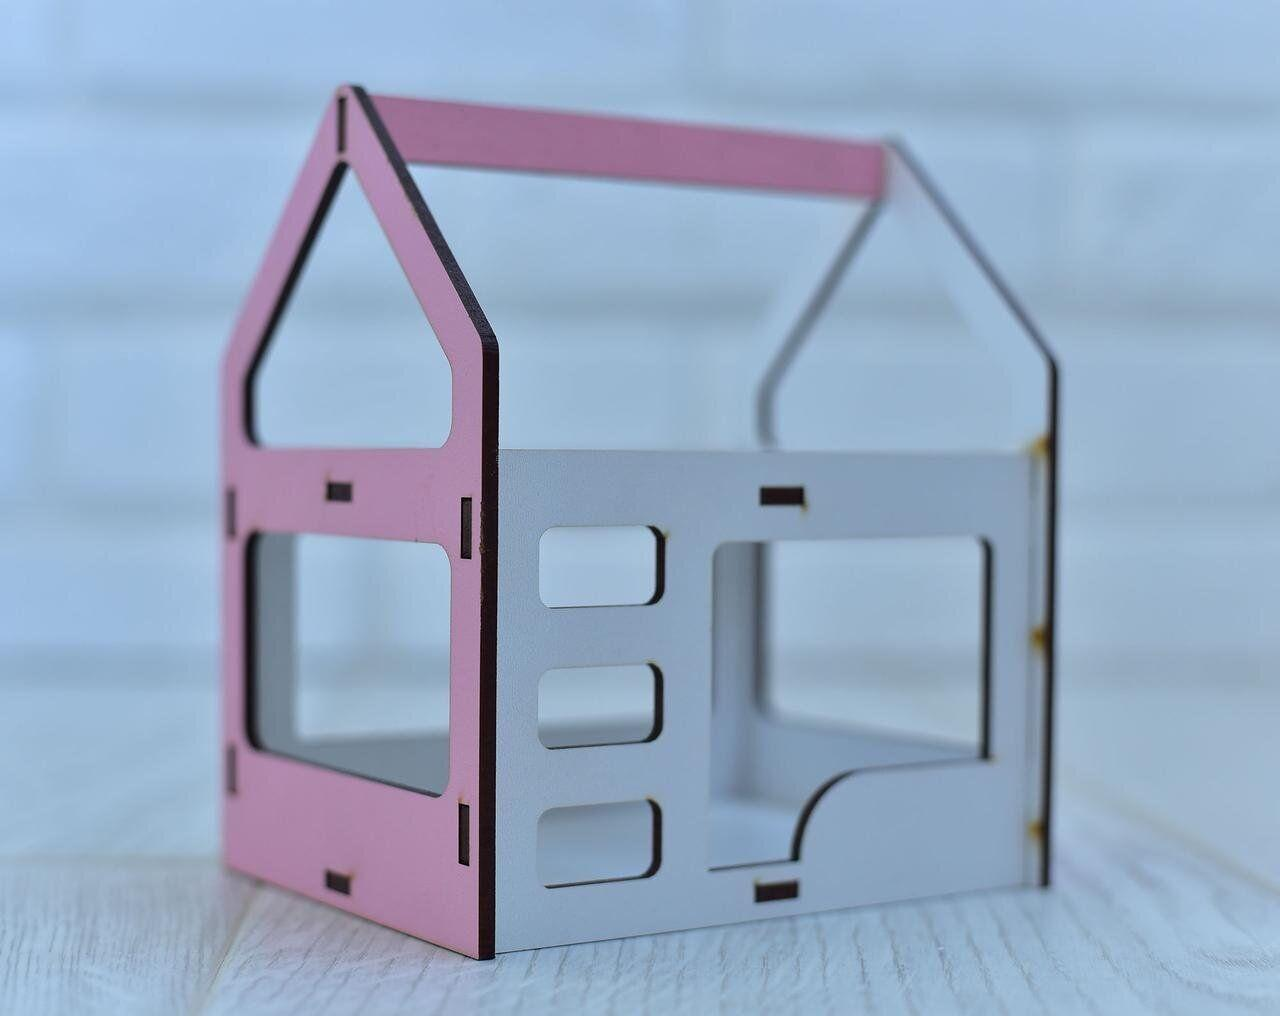 Игрушечная двухъярусная кровать домик NestWood для кукол Белый с розовым (rkml009r)